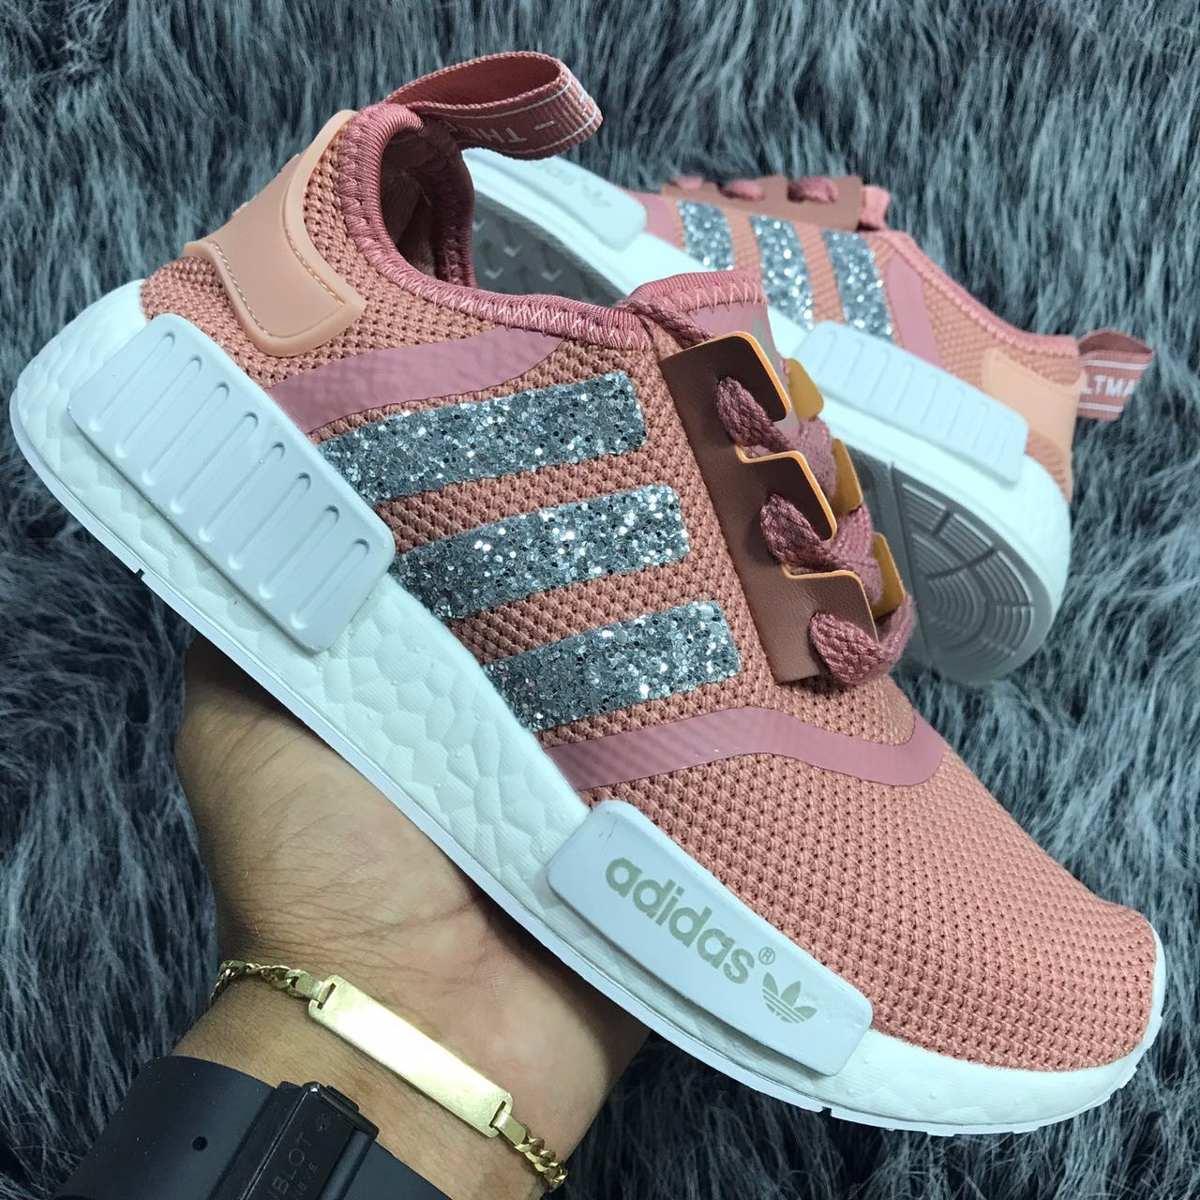 Zapatillas Para Coleccion Adidas Ultima Dama WrBCxeQdo